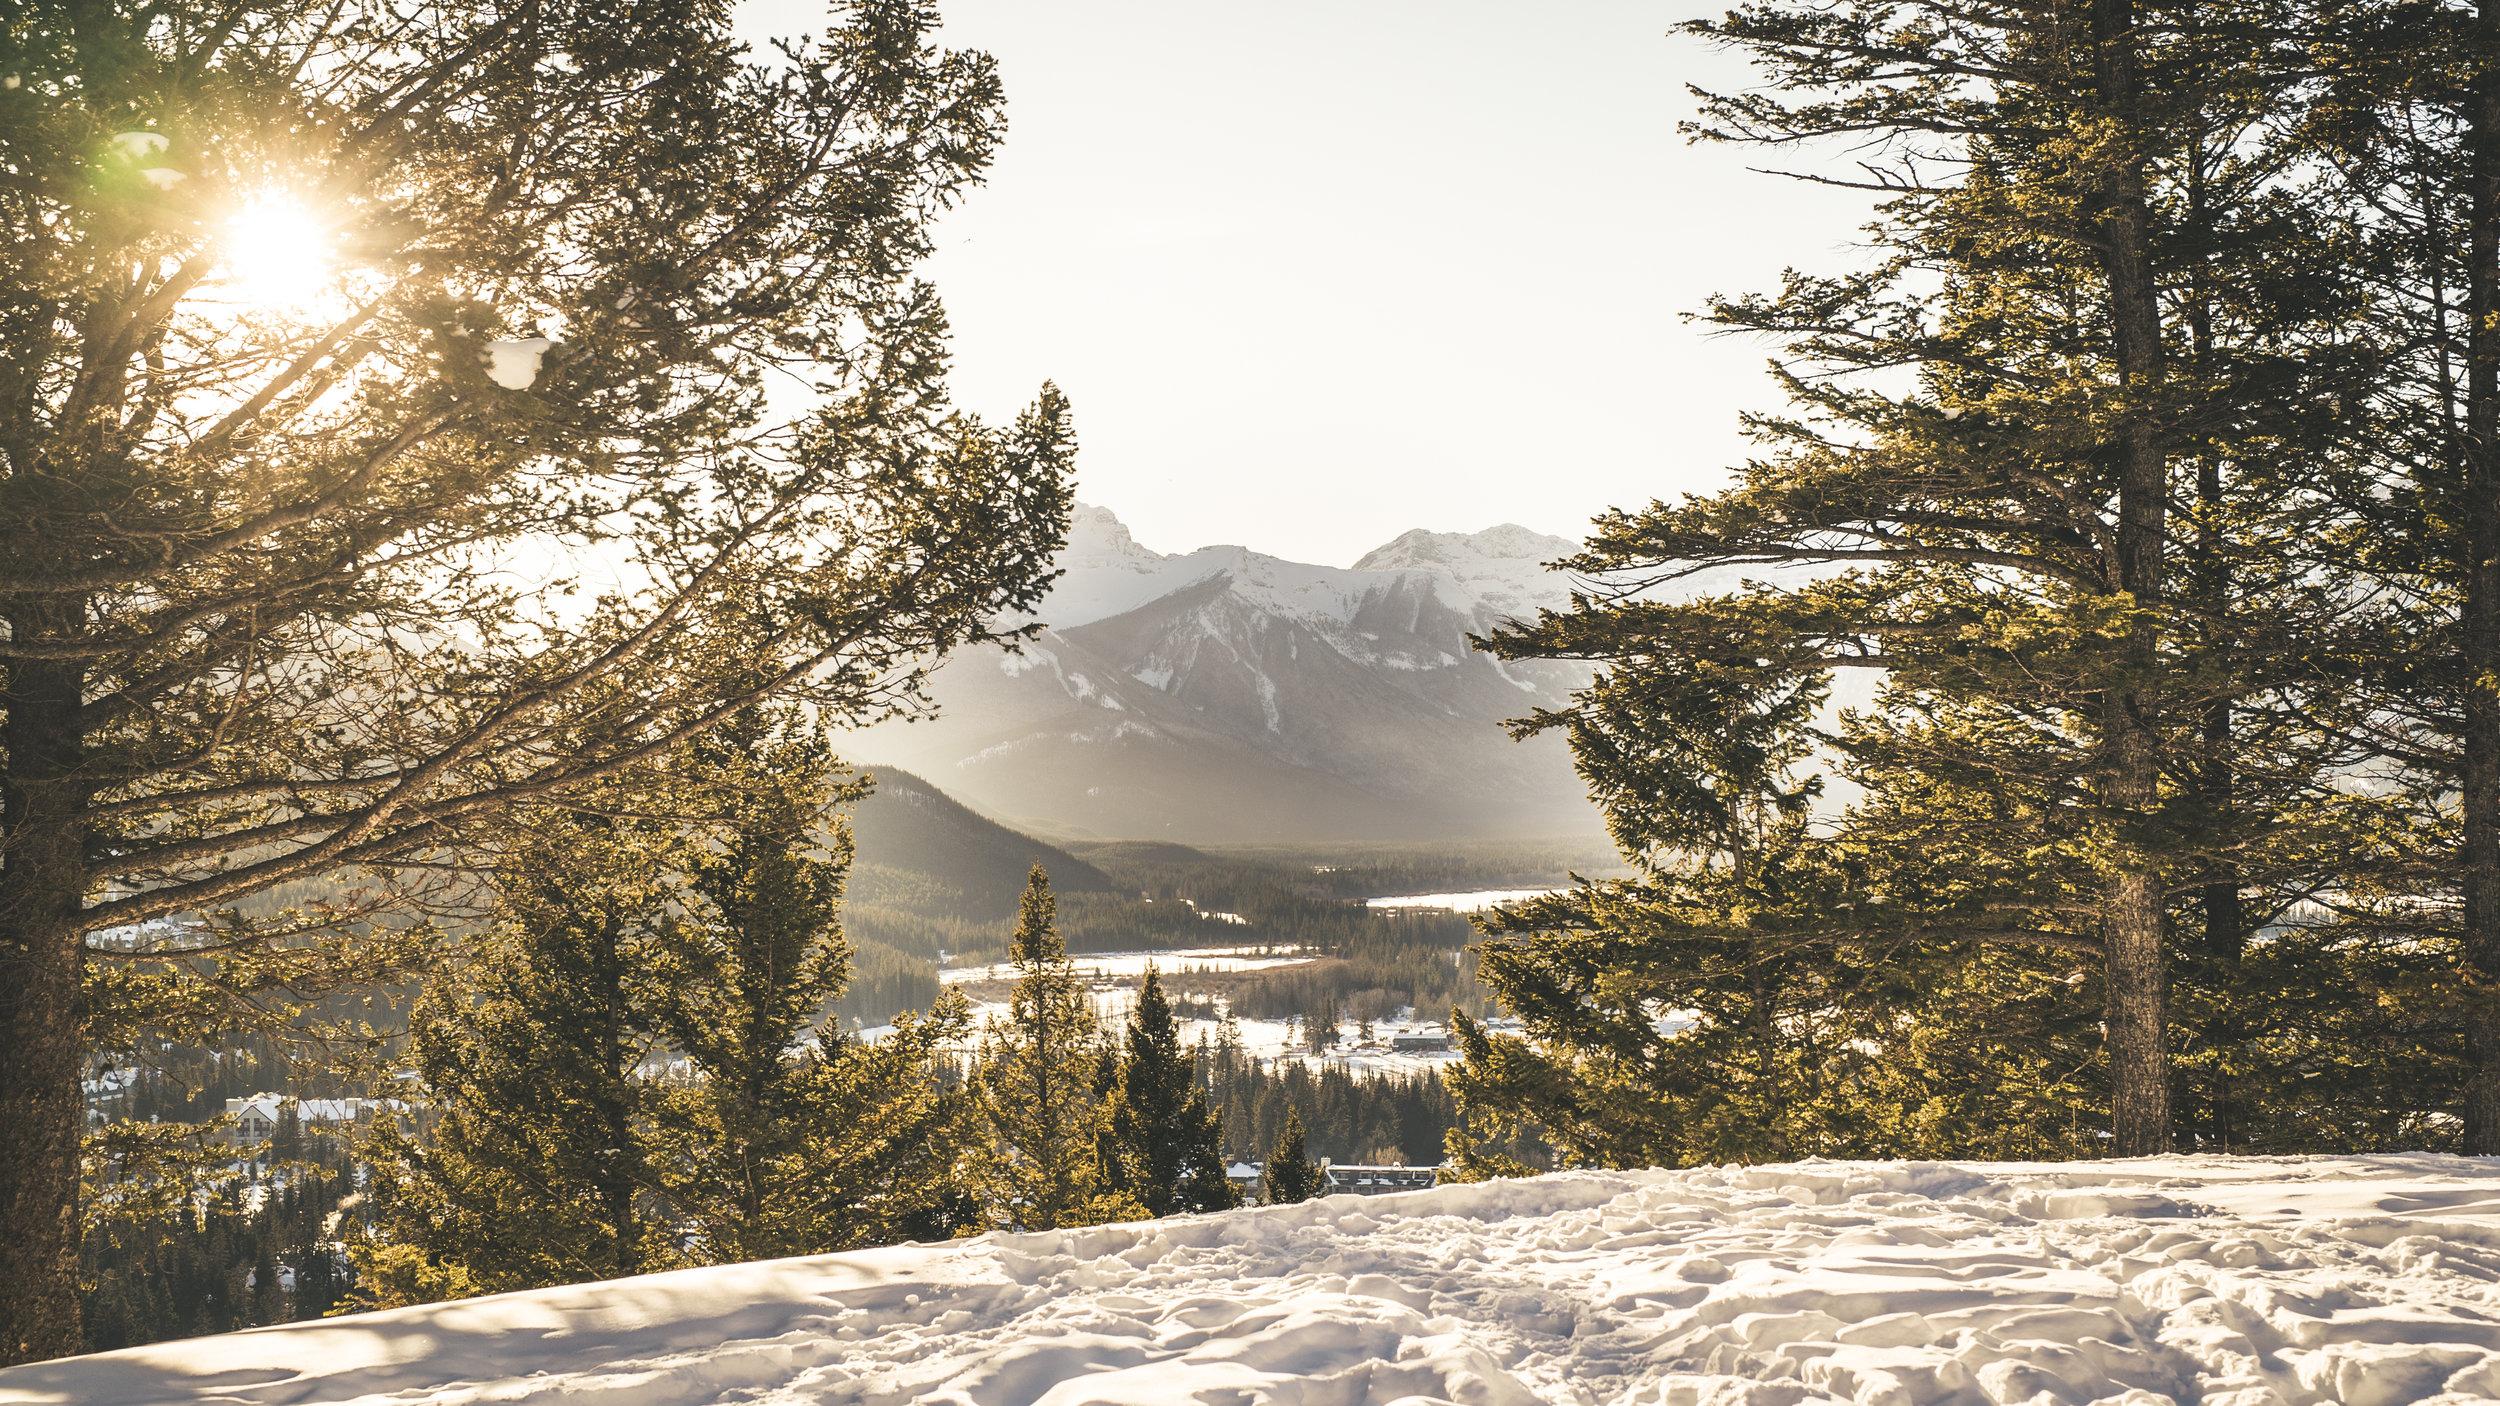 Banff Tunnel Mountain sunset walk-14.jpg